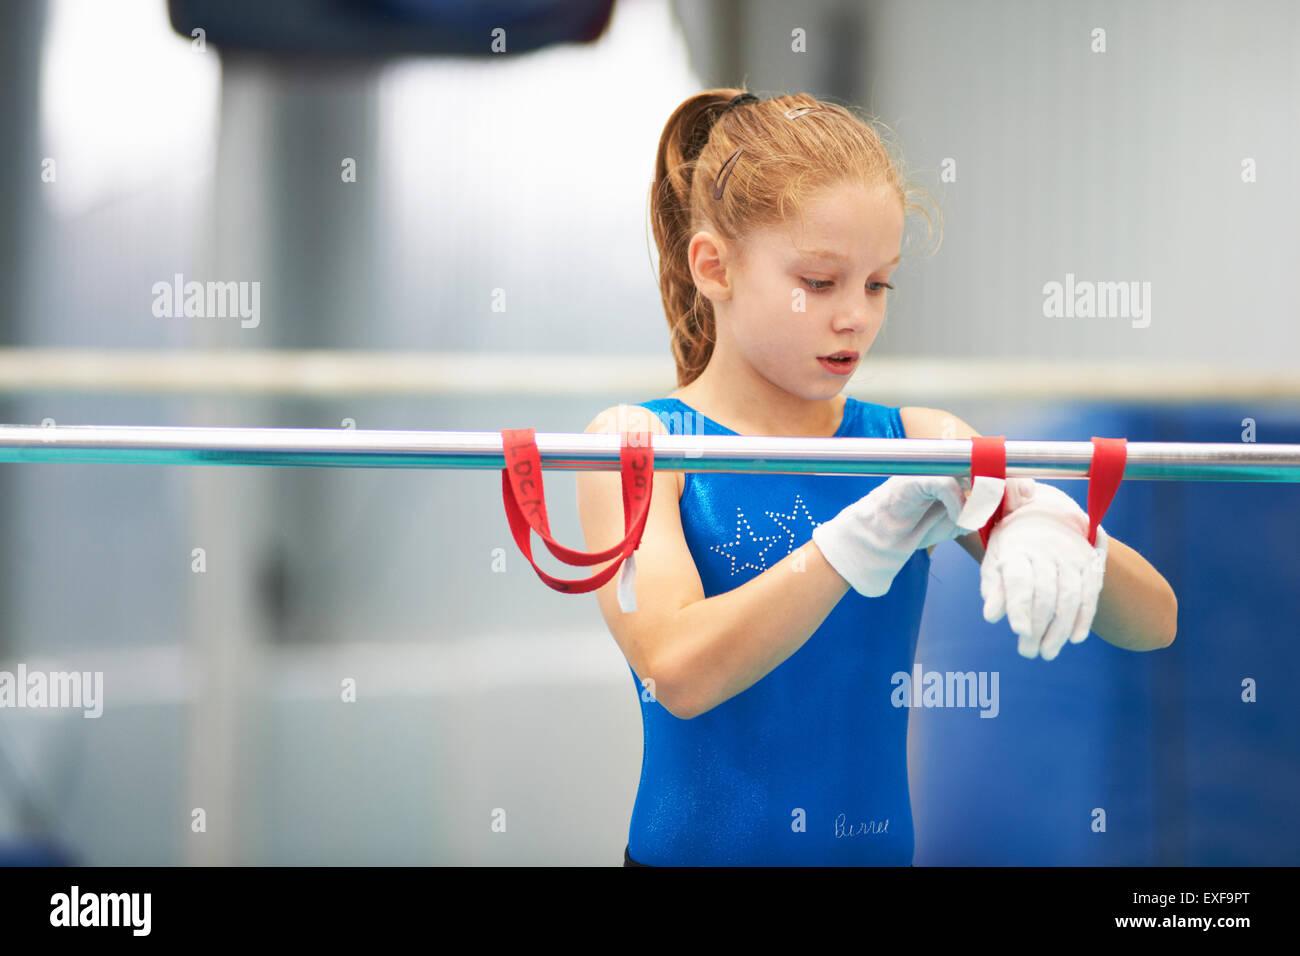 Ginnasta giovani mediante training cinturini da polso per prassi di aiuto su barre Immagini Stock